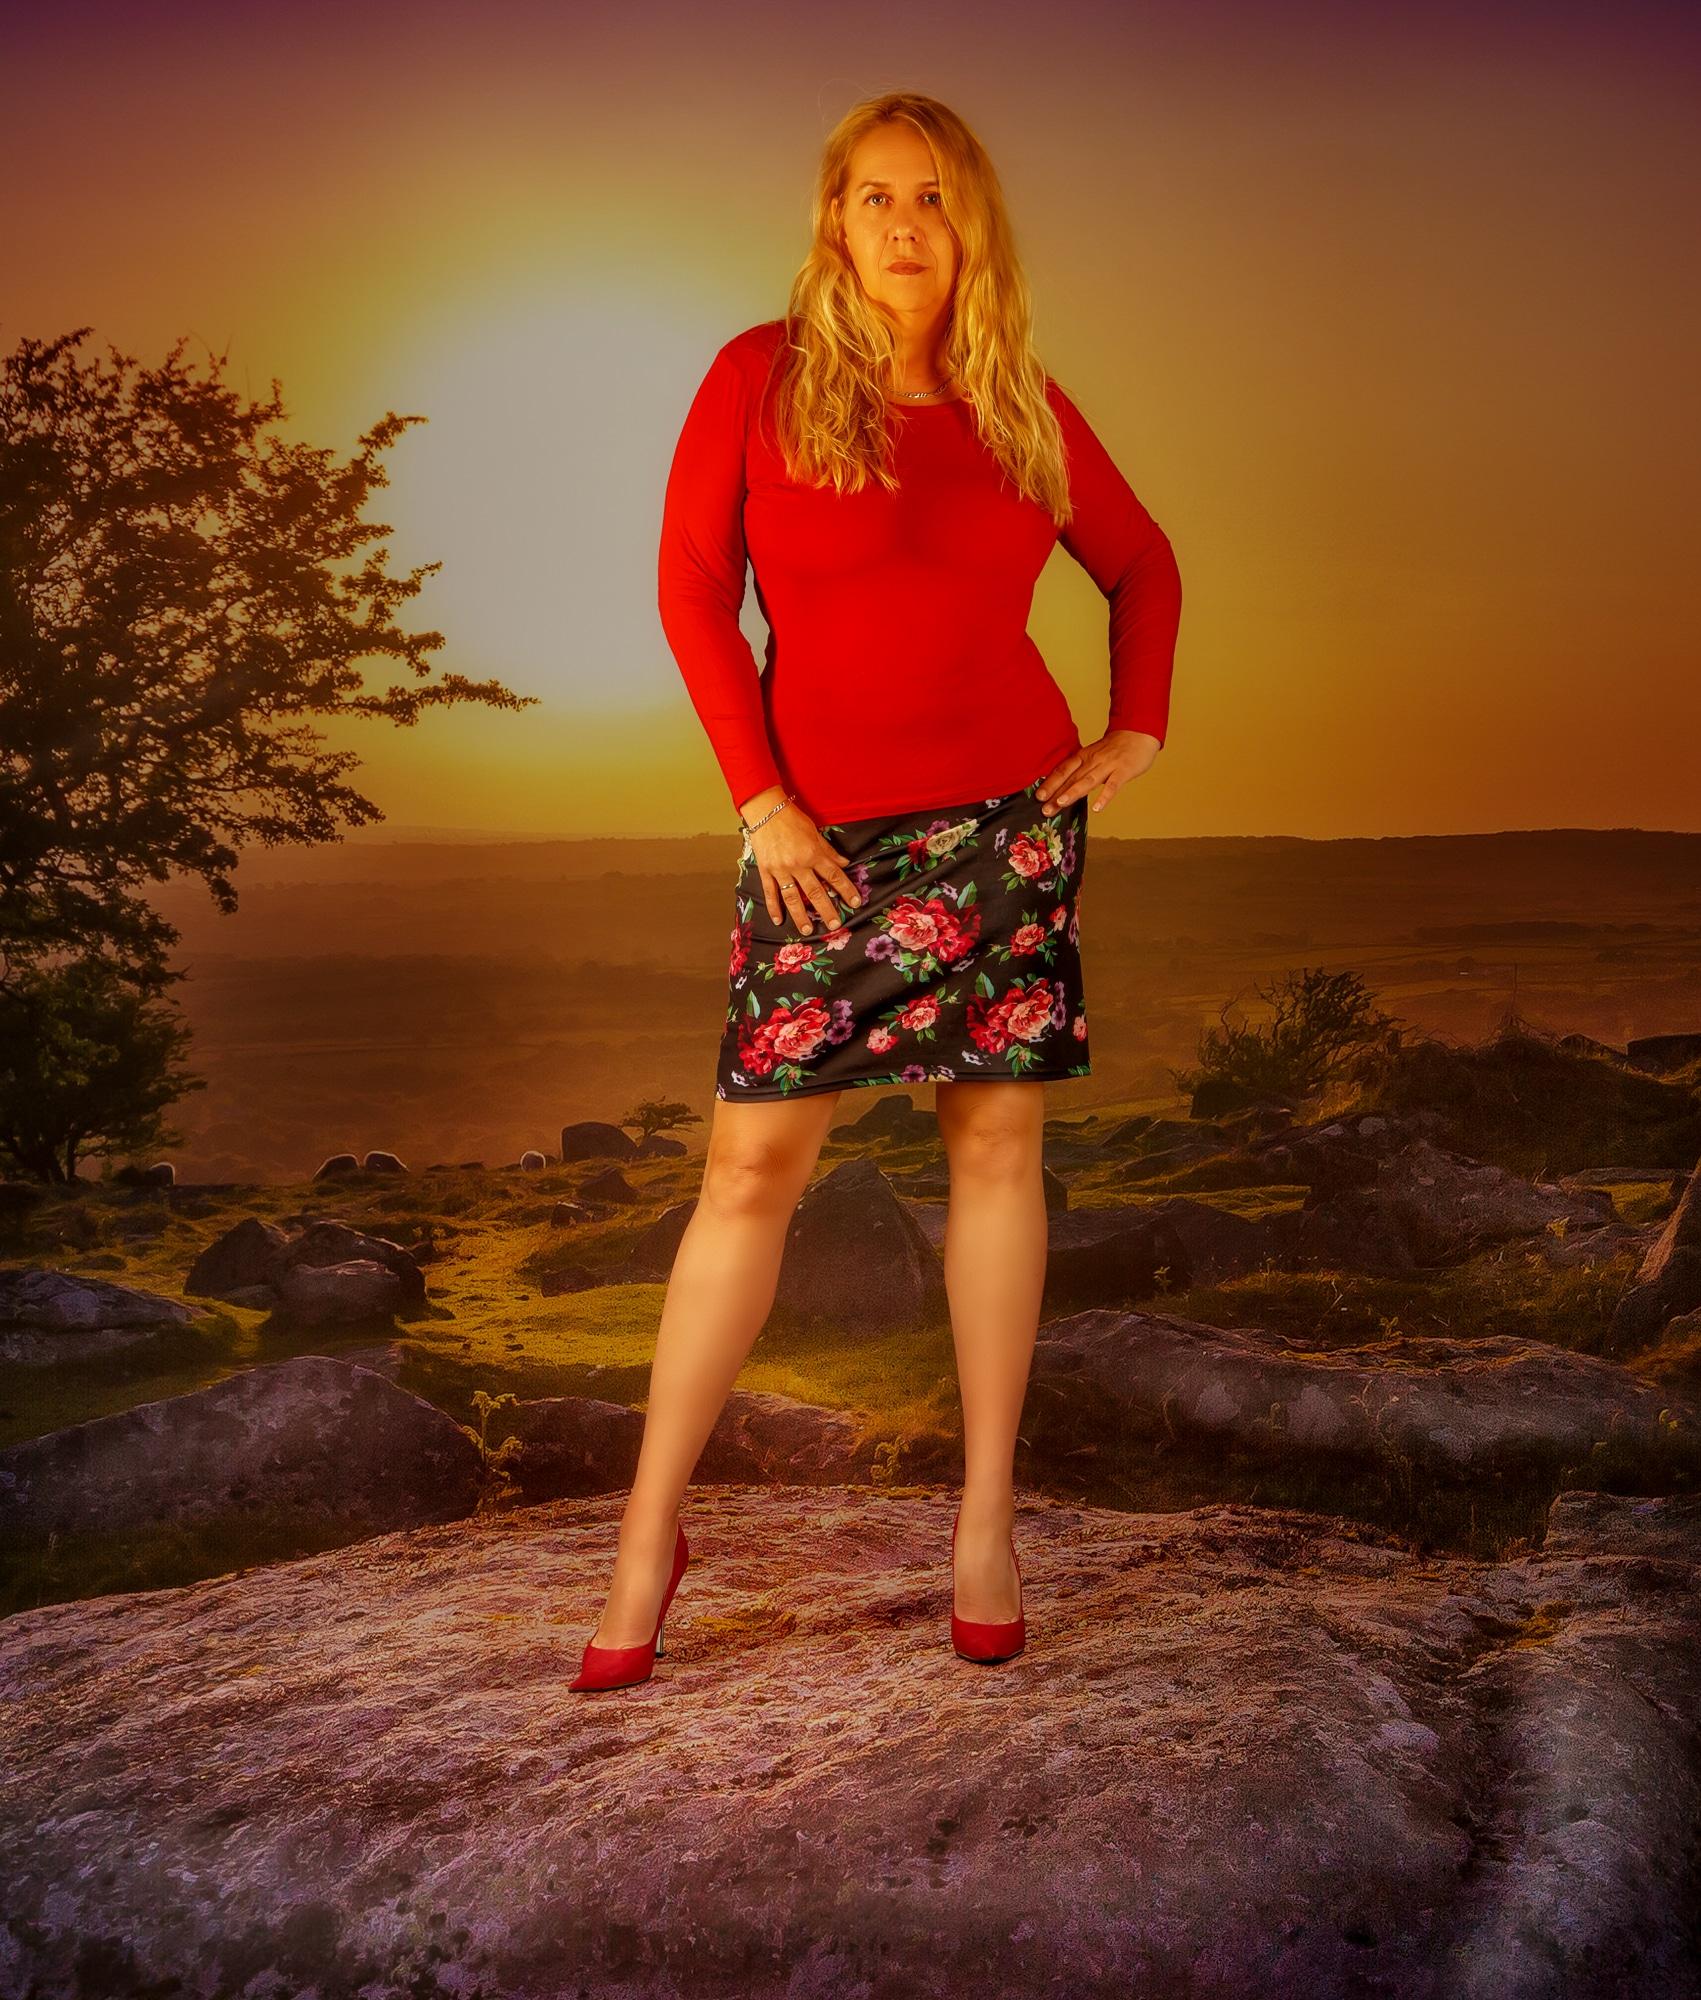 Natur Fotoshooting Fashion